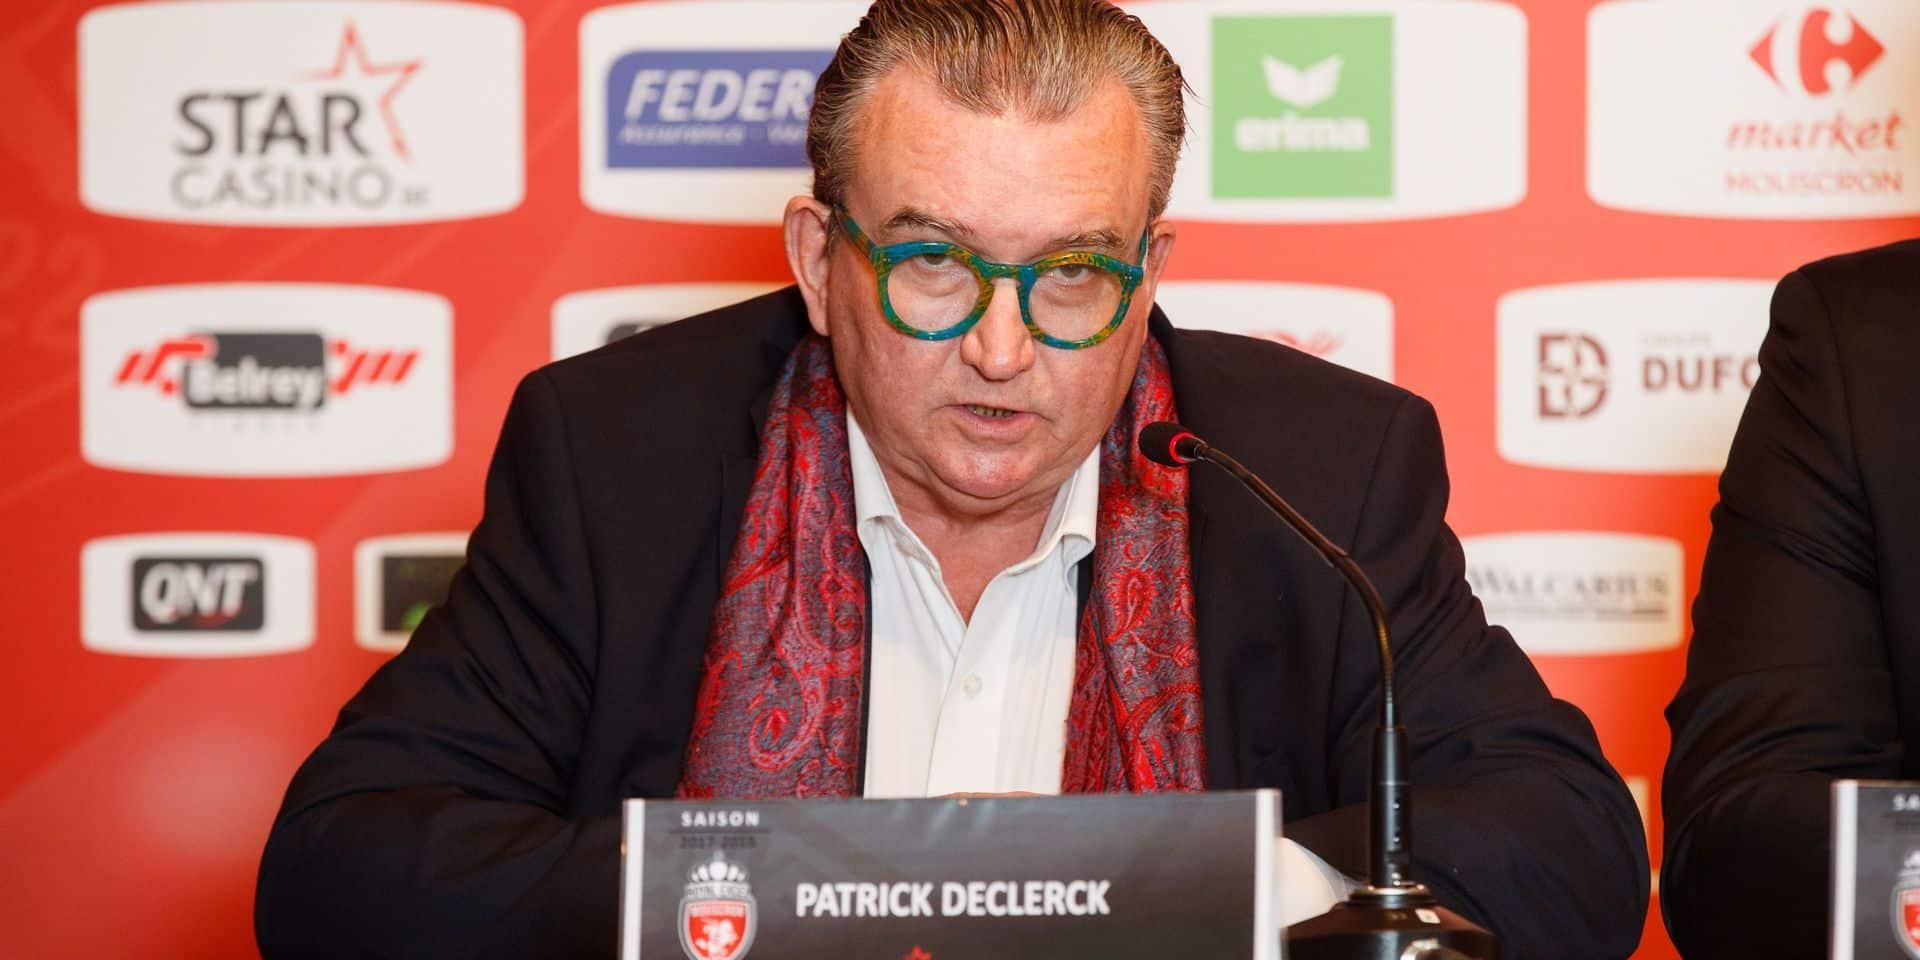 Officiel: l'Excel Mouscron est racheté par Gérard Lopez, président de Lille